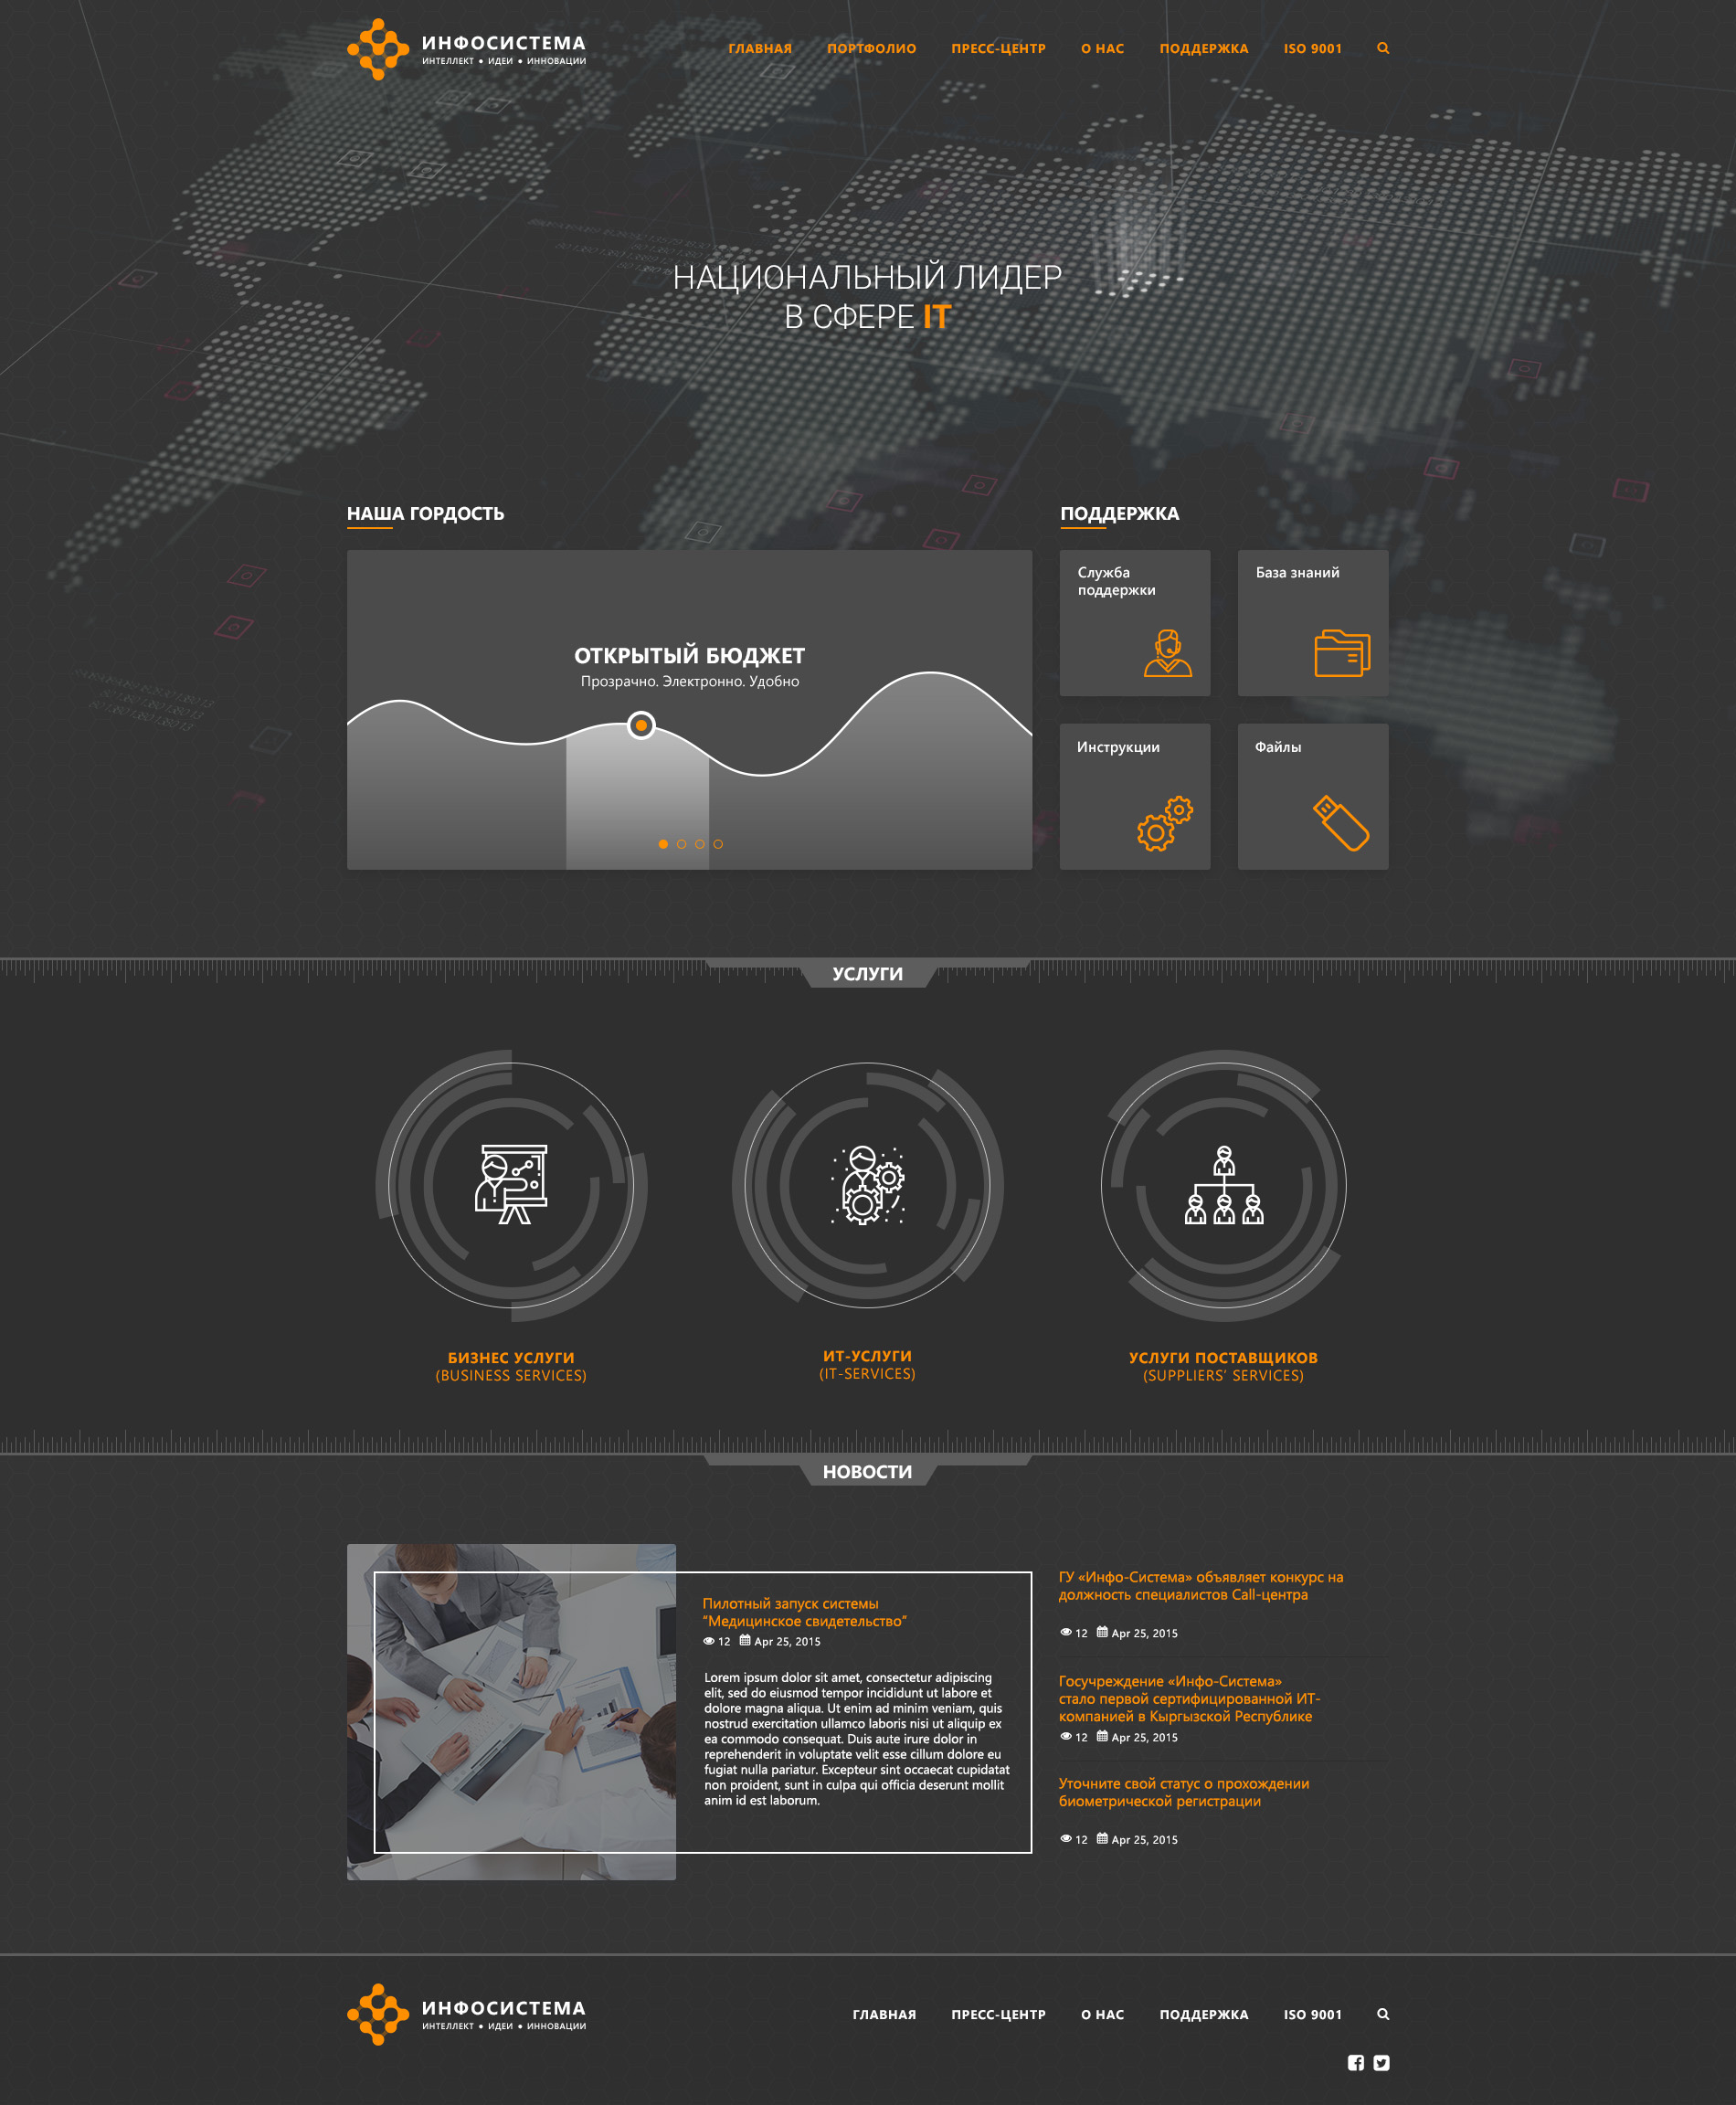 официальный сайт компании аве